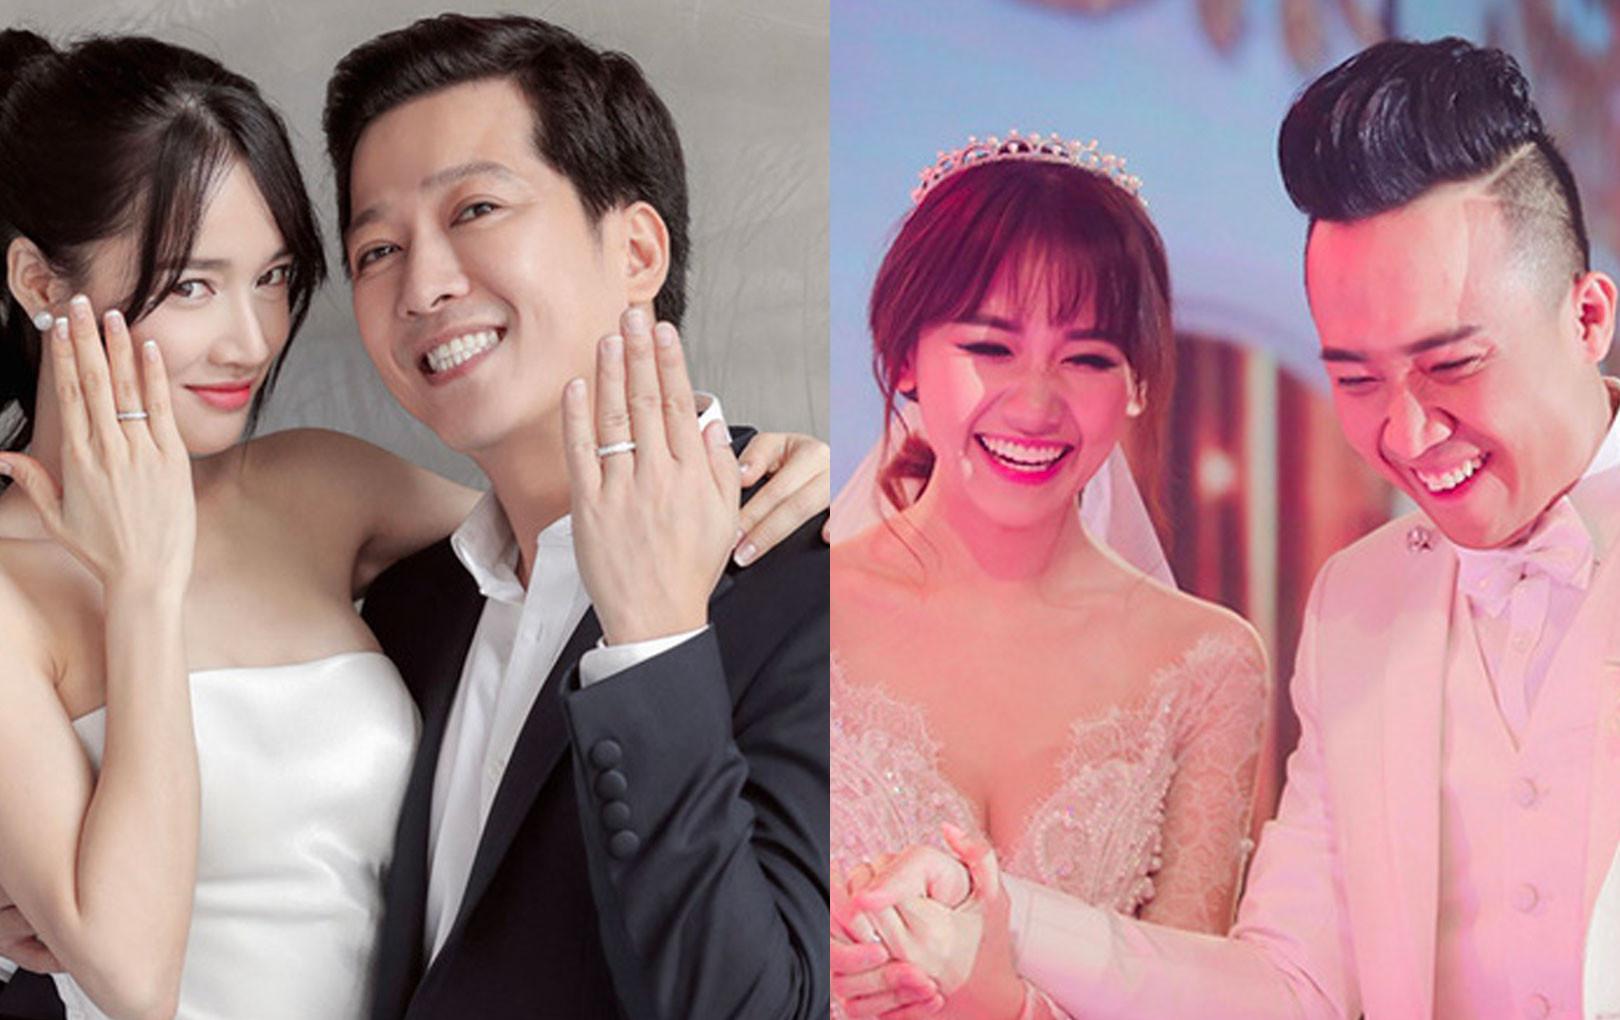 """Những đám cưới bí mật rung chuyển Vbiz: Nhã Phương, Hari Won yêu cầu cực nghiêm, Tóc Tiên, Bảo Thy """"kín như bưng"""" tới giờ G!"""